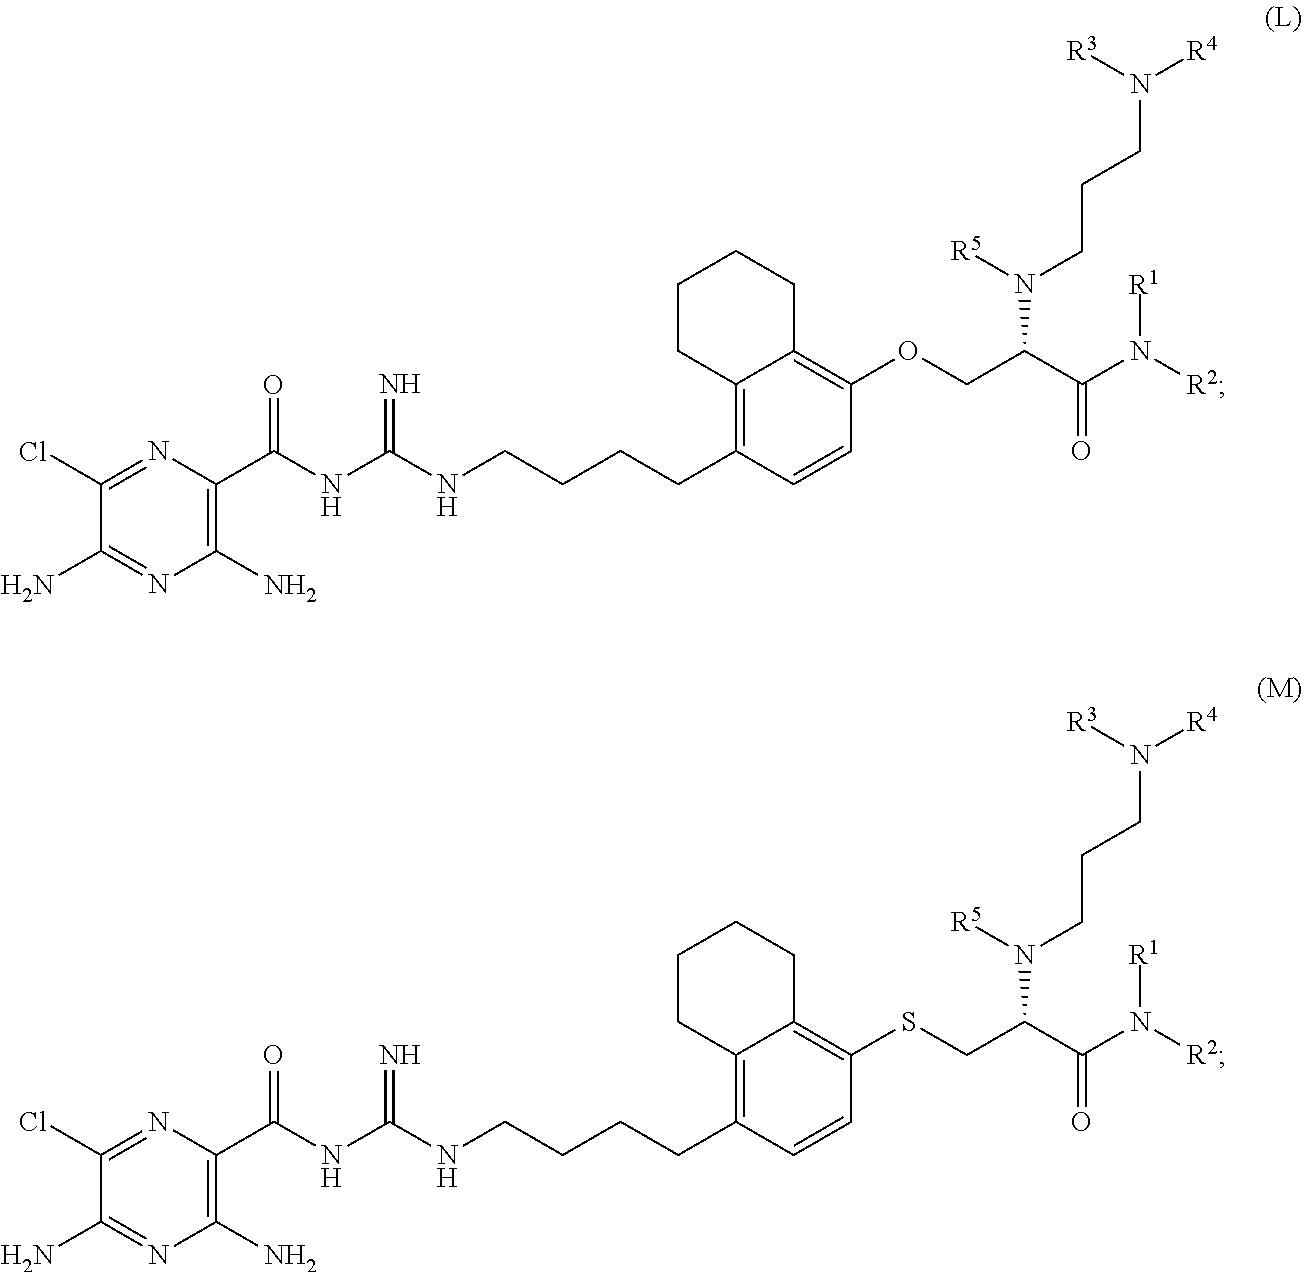 Figure US09695134-20170704-C00080